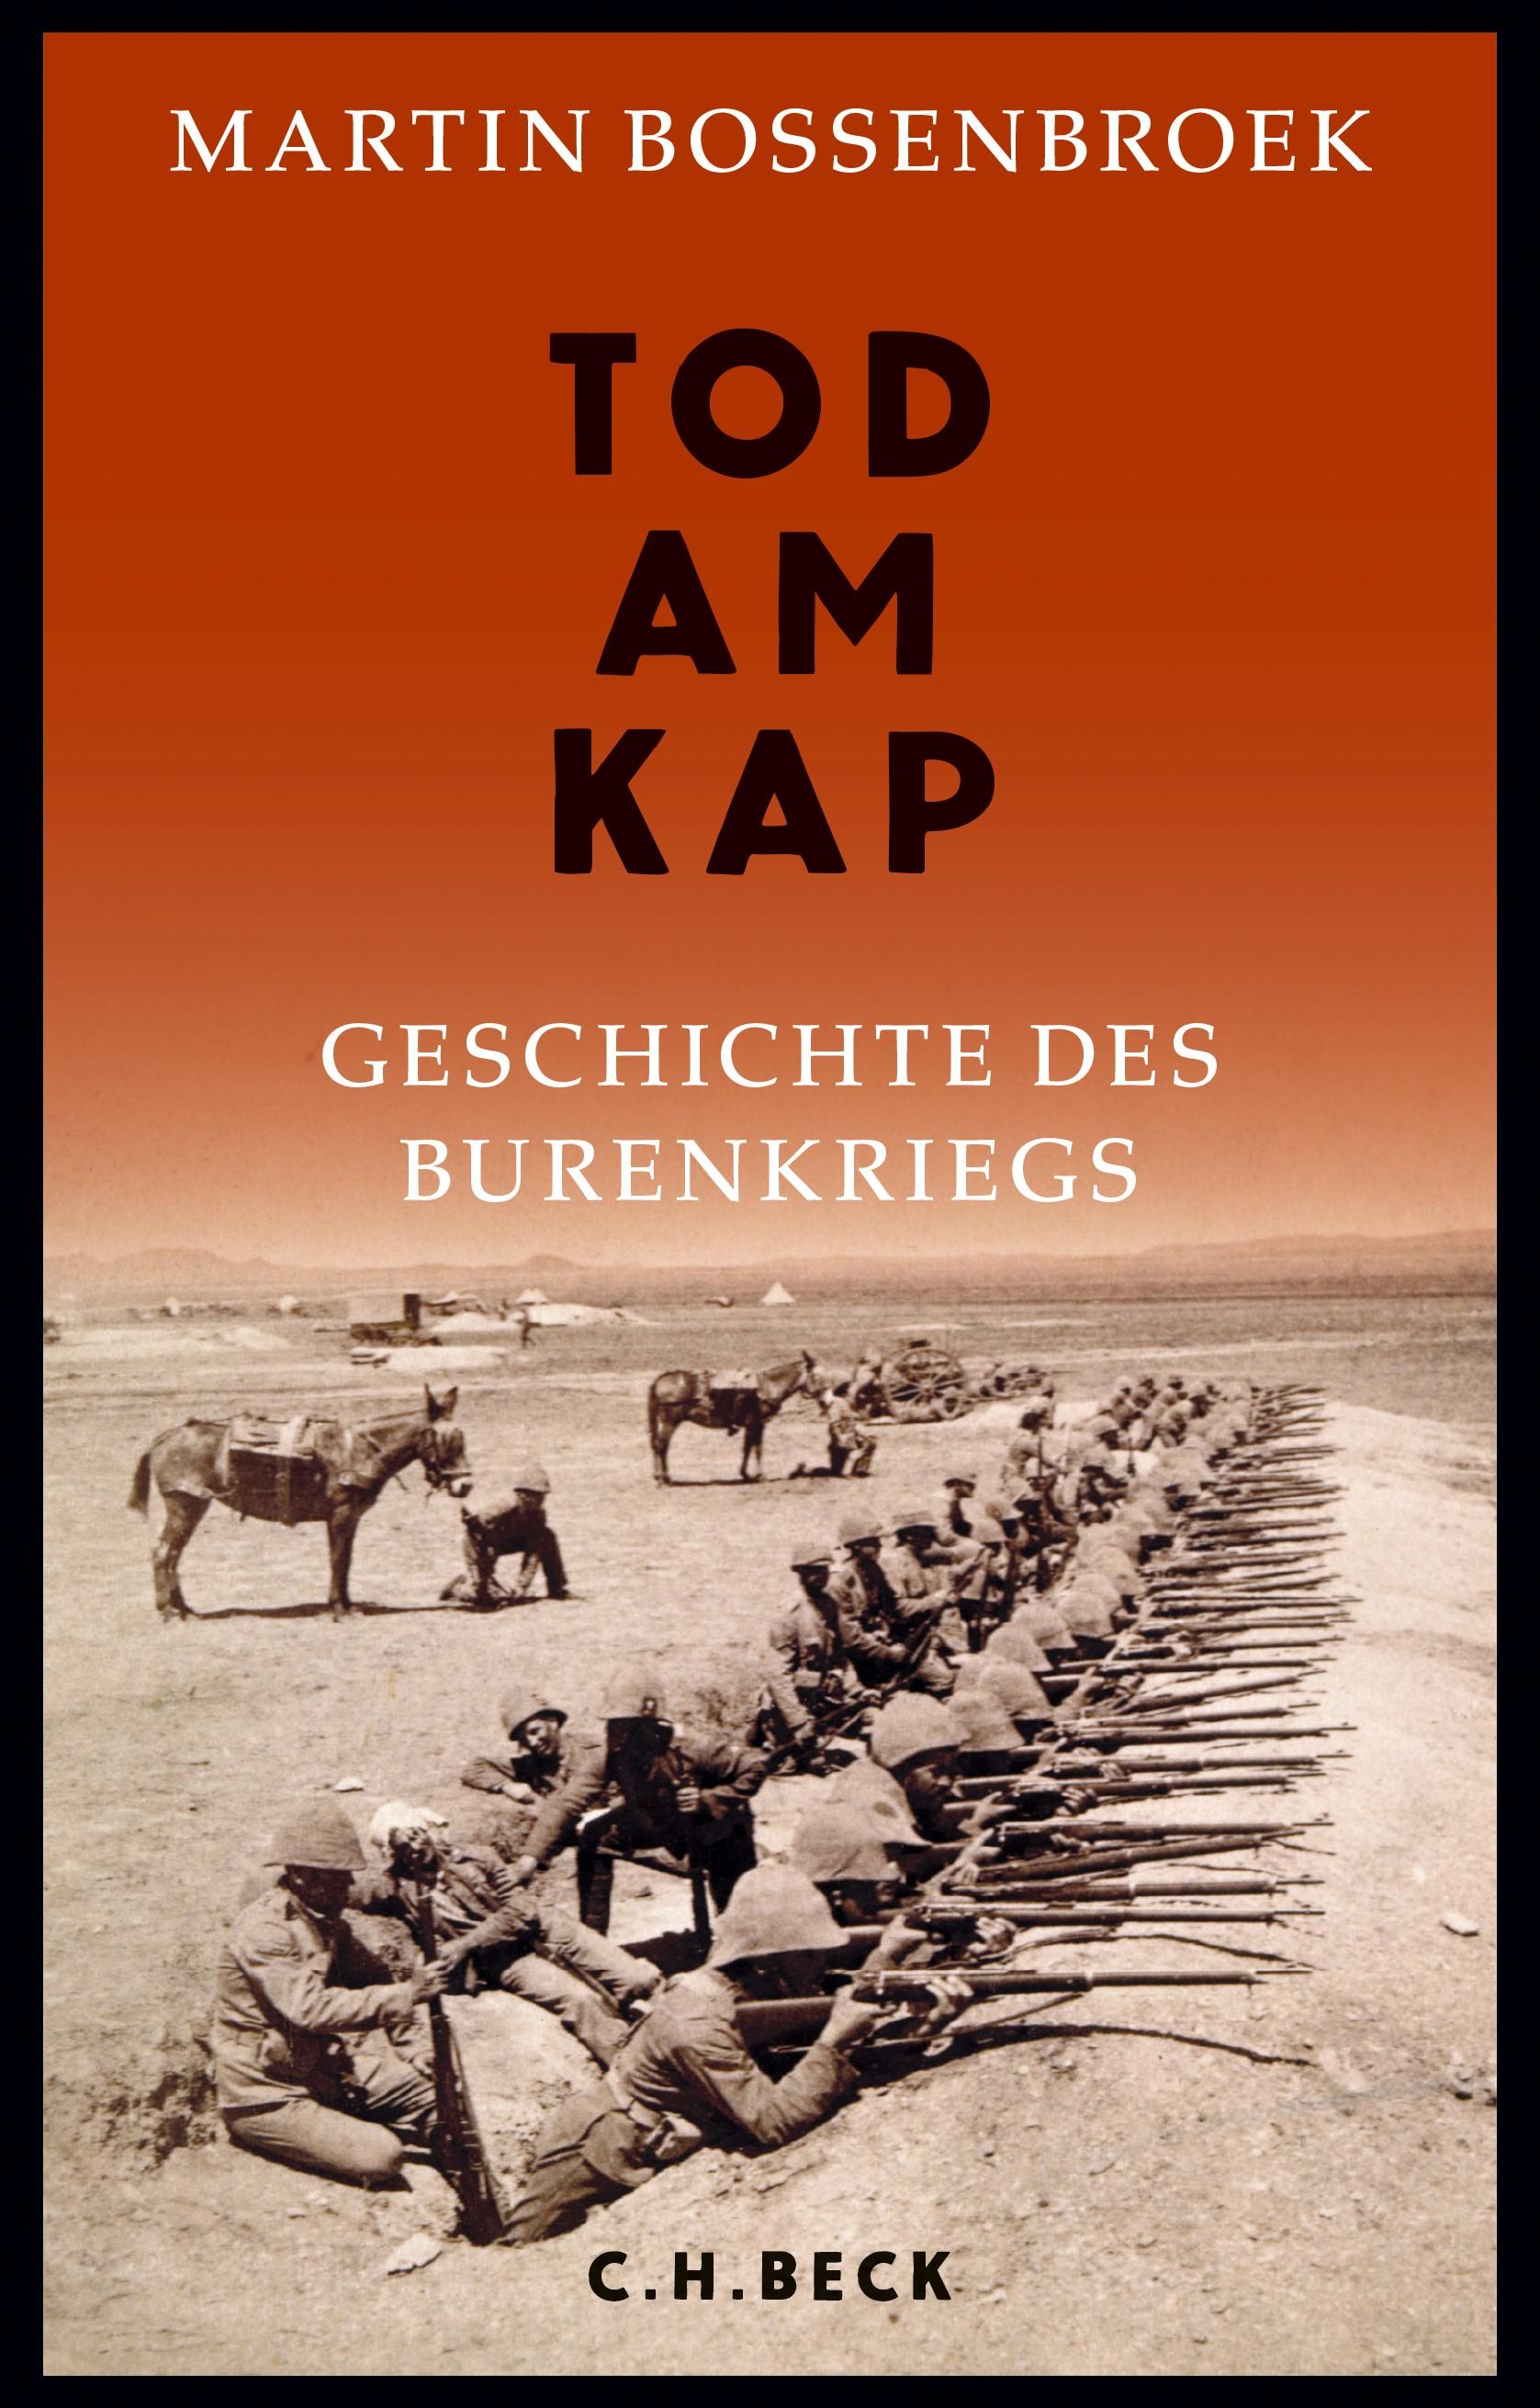 Tod am Kap | Bossenbroek, Martin, 2016 | Buch (Cover)